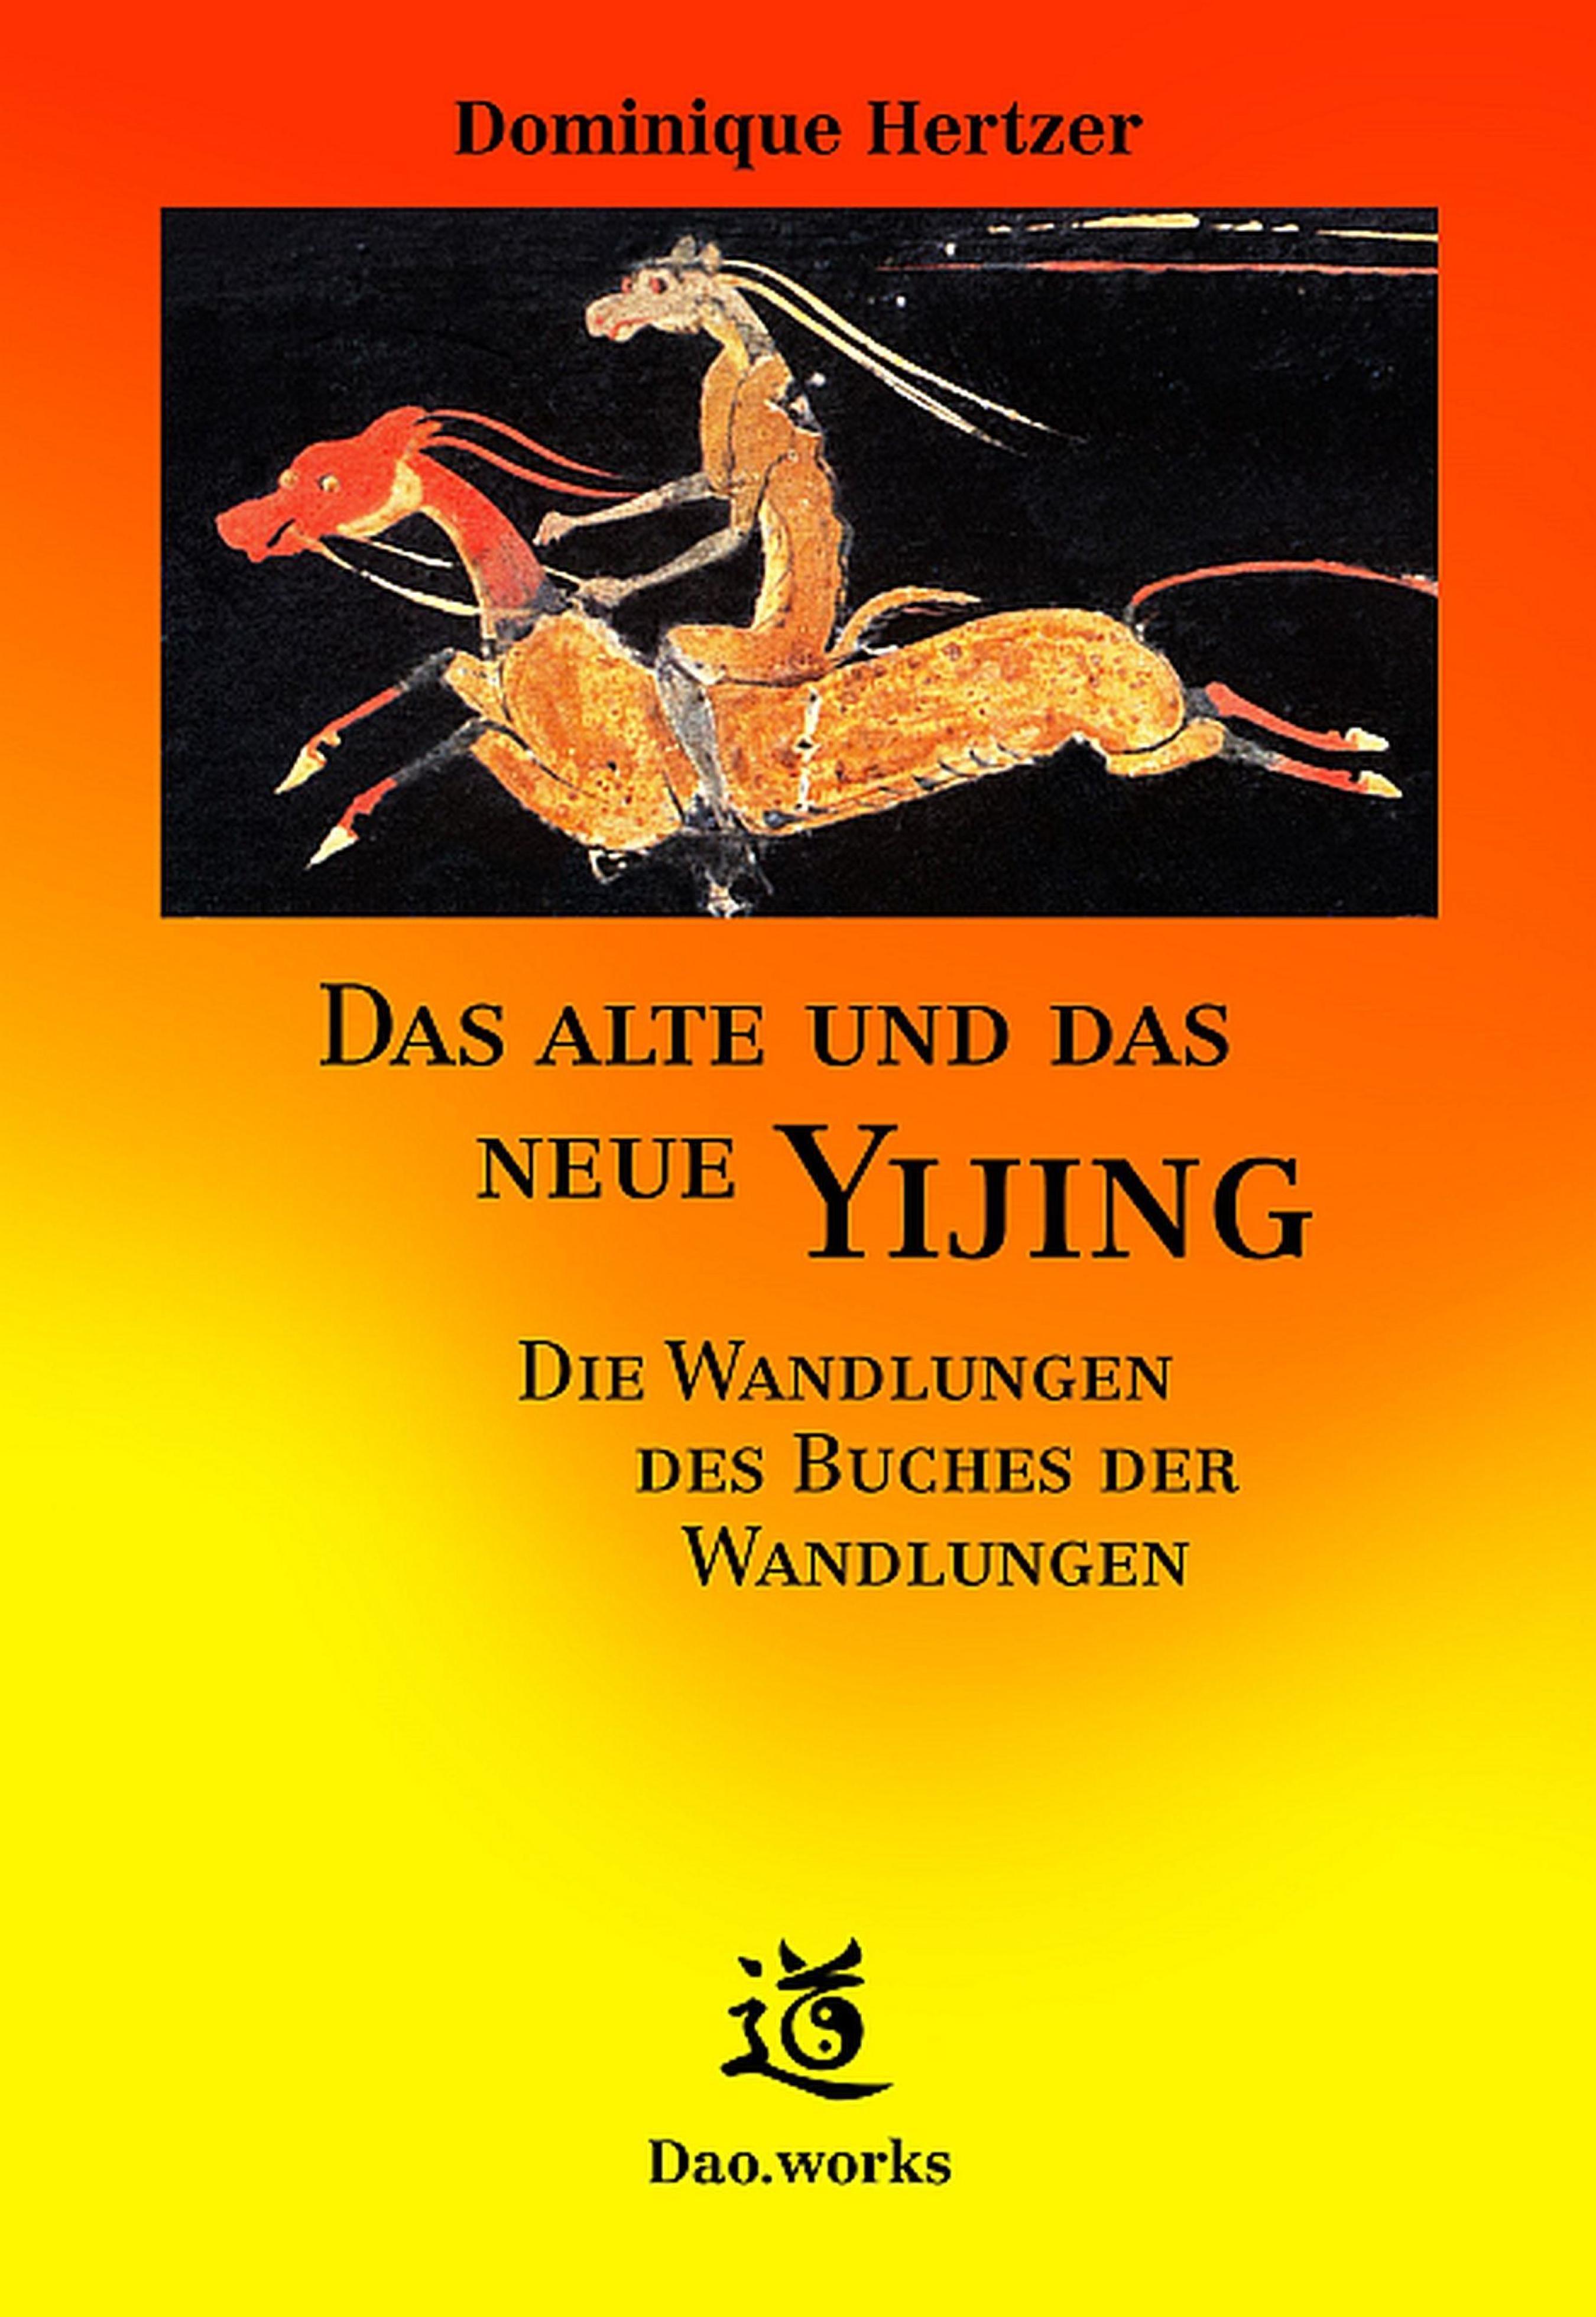 Dominique Hertzer Das alte und das neue Yijing dominique hertzer das alte und das neue yijing